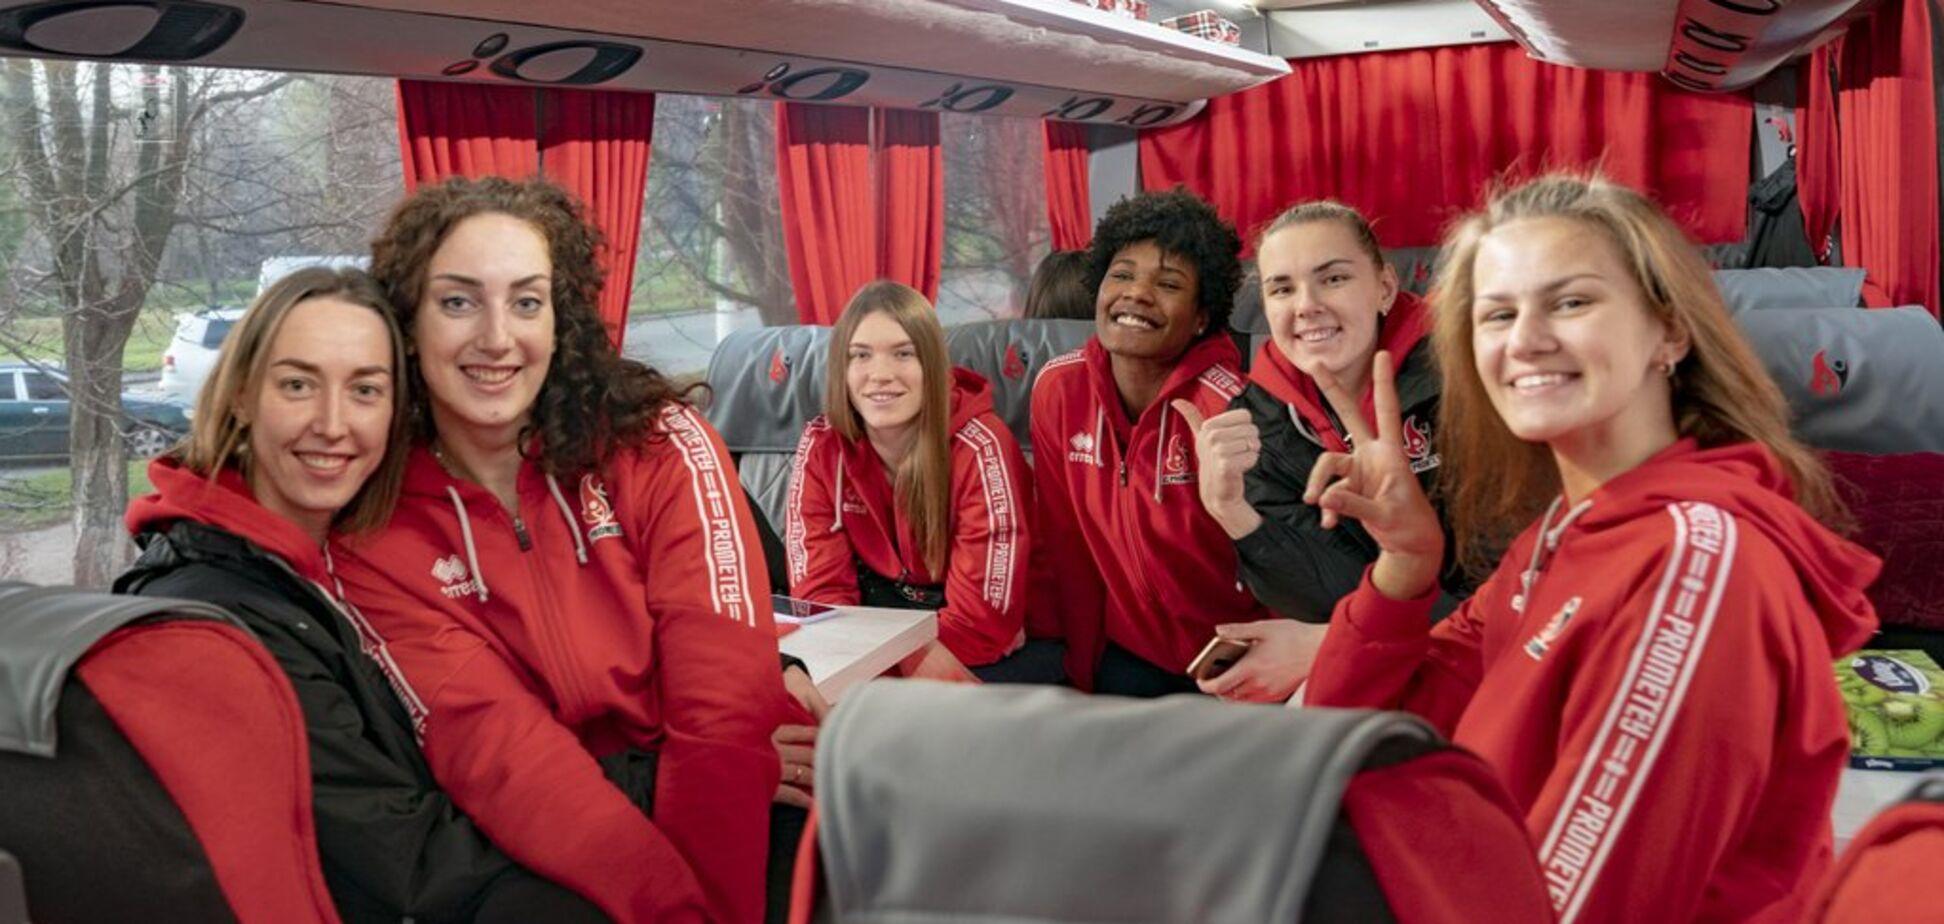 Президент СК 'Прометей' Володимир Дубинський подарував волейболістка сучасний автобус